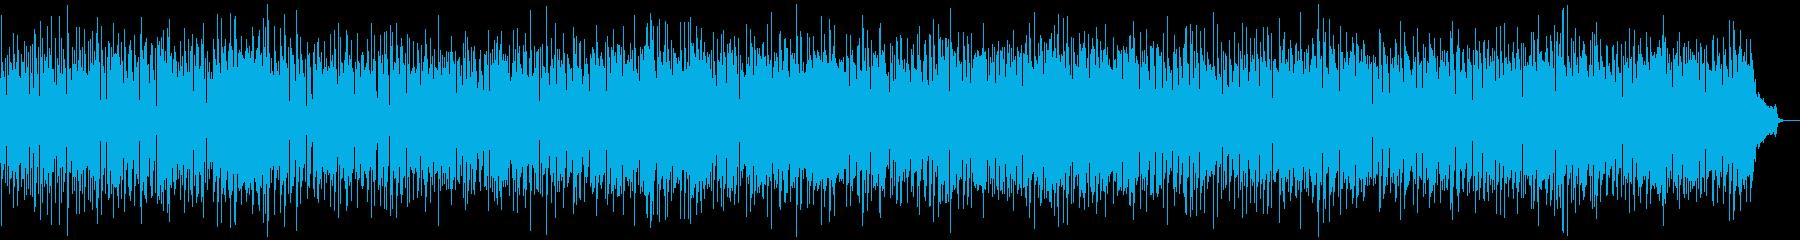 フィドルがかっこいいポルカの再生済みの波形